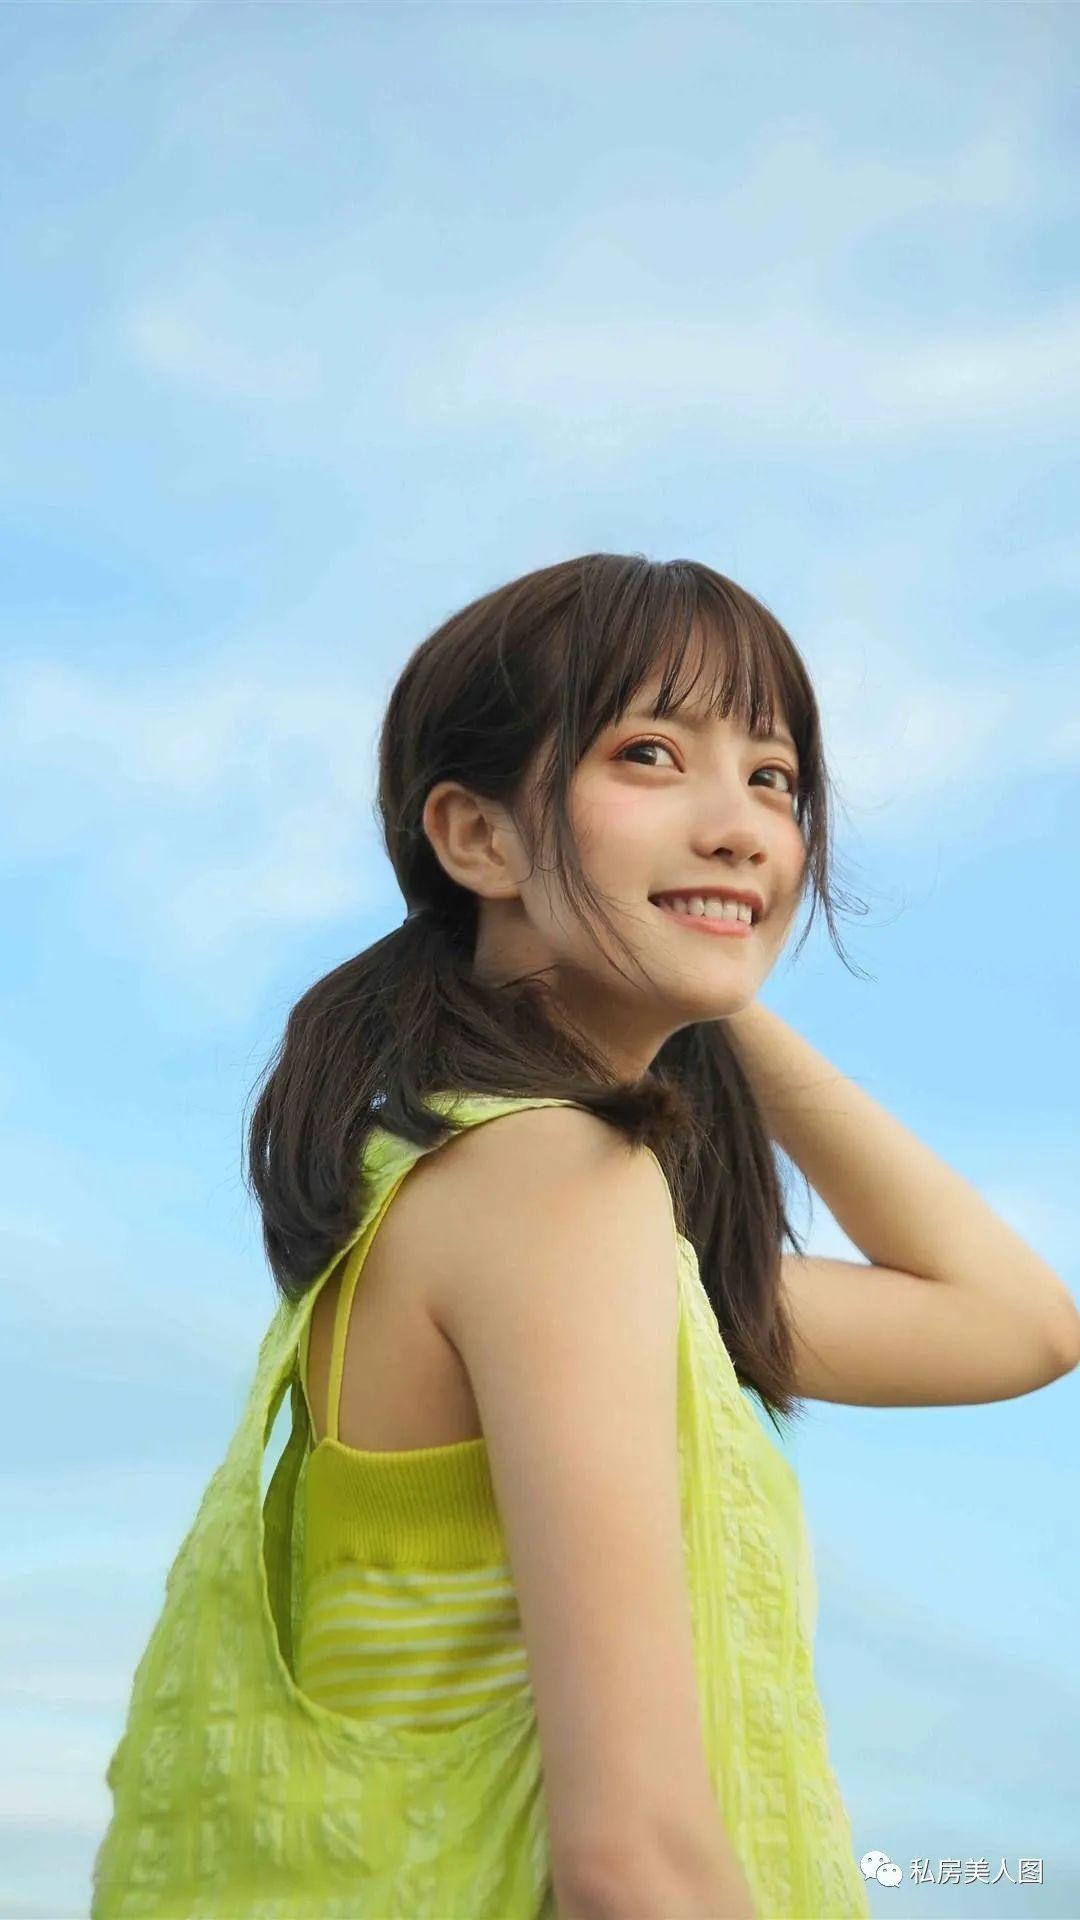 妹子摄影 – 双马尾连衣裙甜美少女的海边日记_图片 No.2